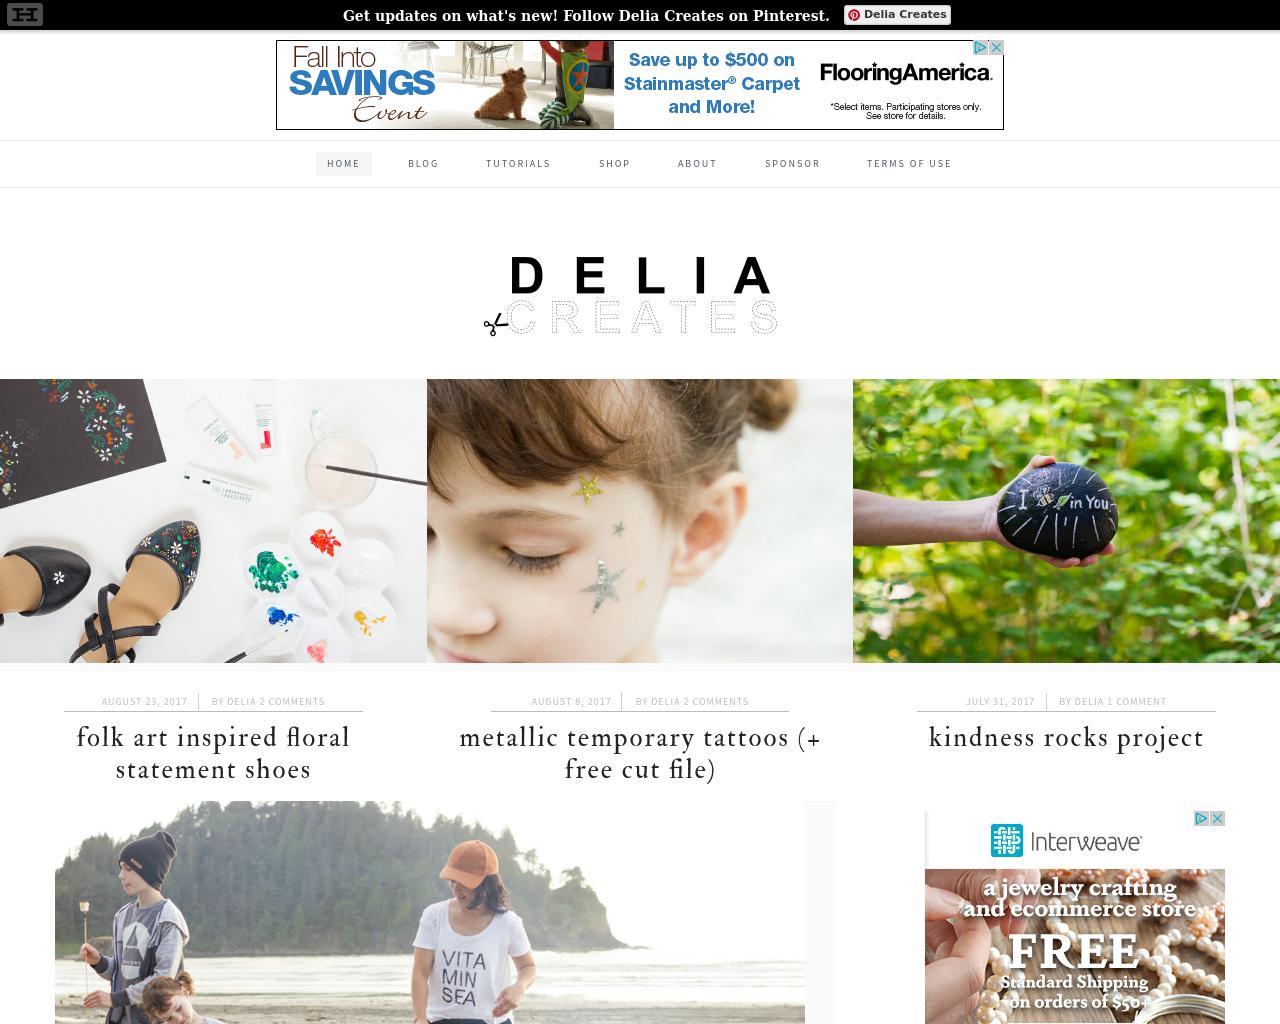 Delia-Creates-Advertising-Reviews-Pricing